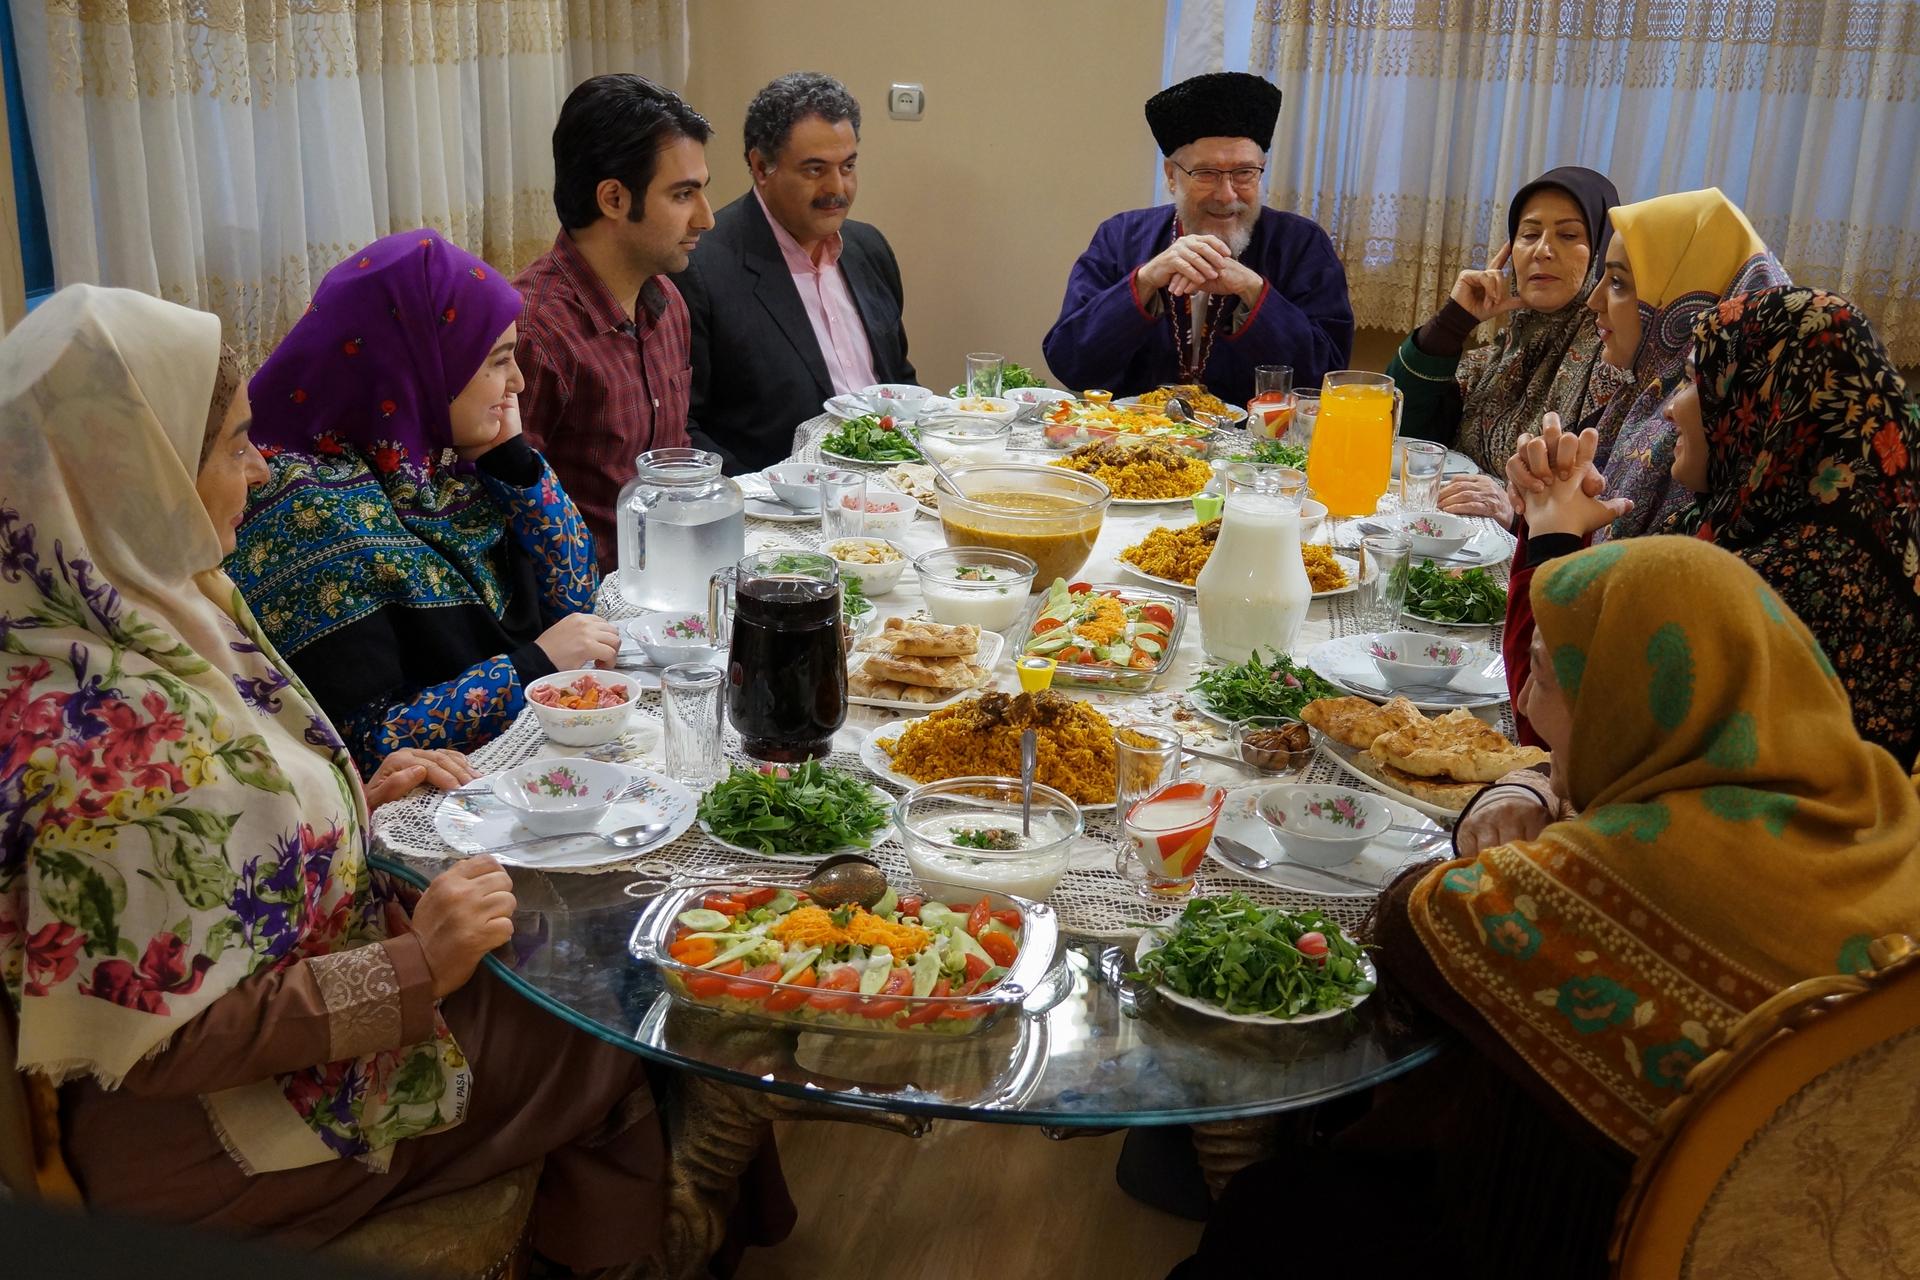 منوچهر آذر در صحنه سریال تلویزیونی بازی نقابها به همراه فرهاد بشارتی و صفا آقاجانی